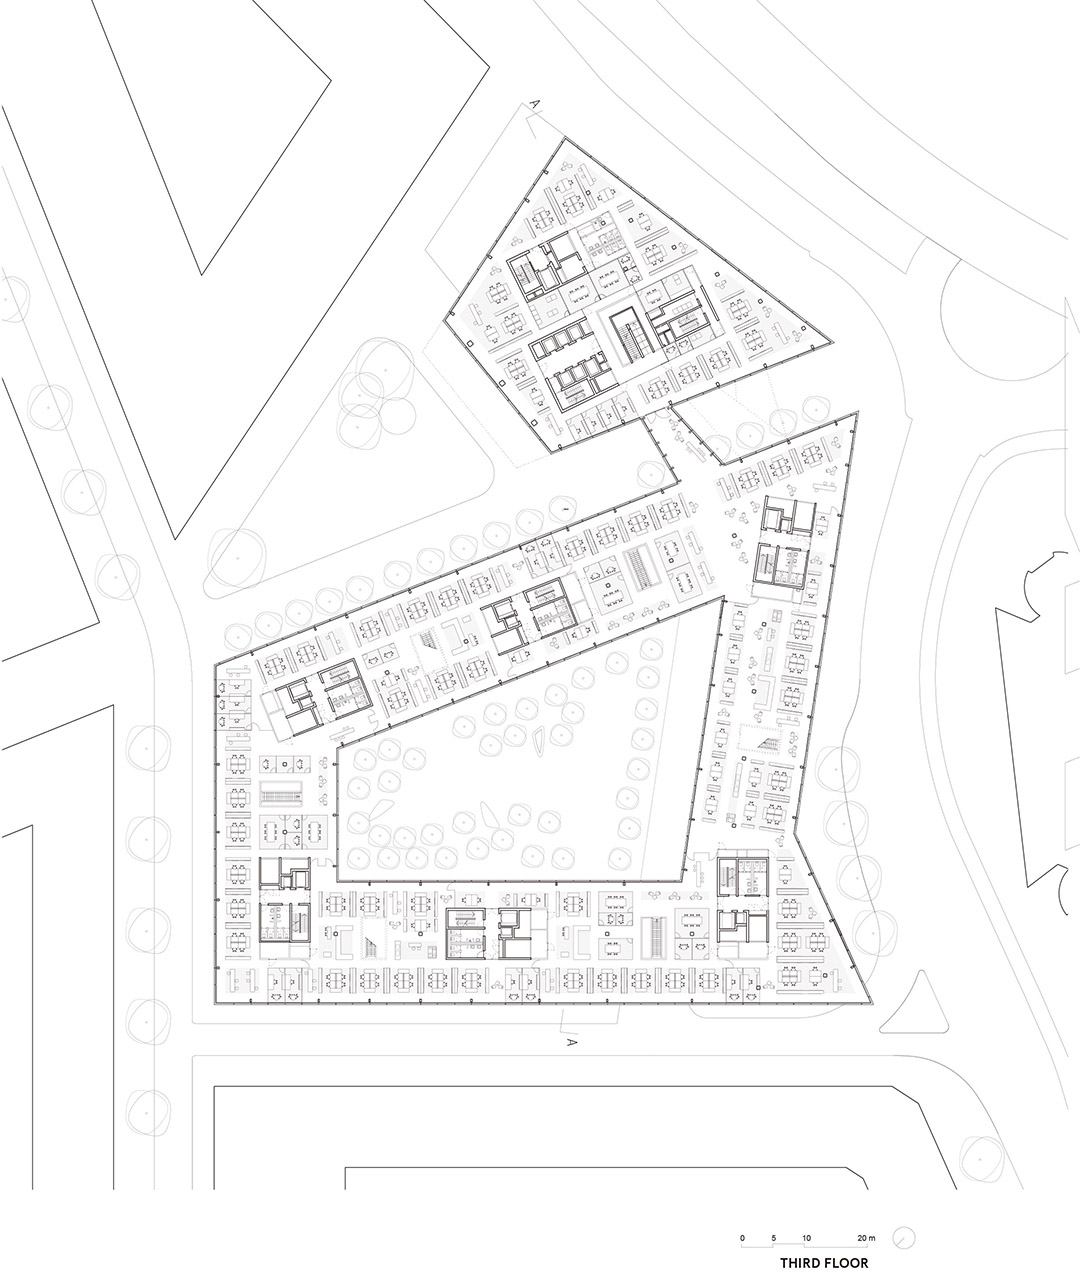 安联总部办公楼维尔阿雷兹建筑事务所Allianz Headquarters  Wiel Arets Architects (2)